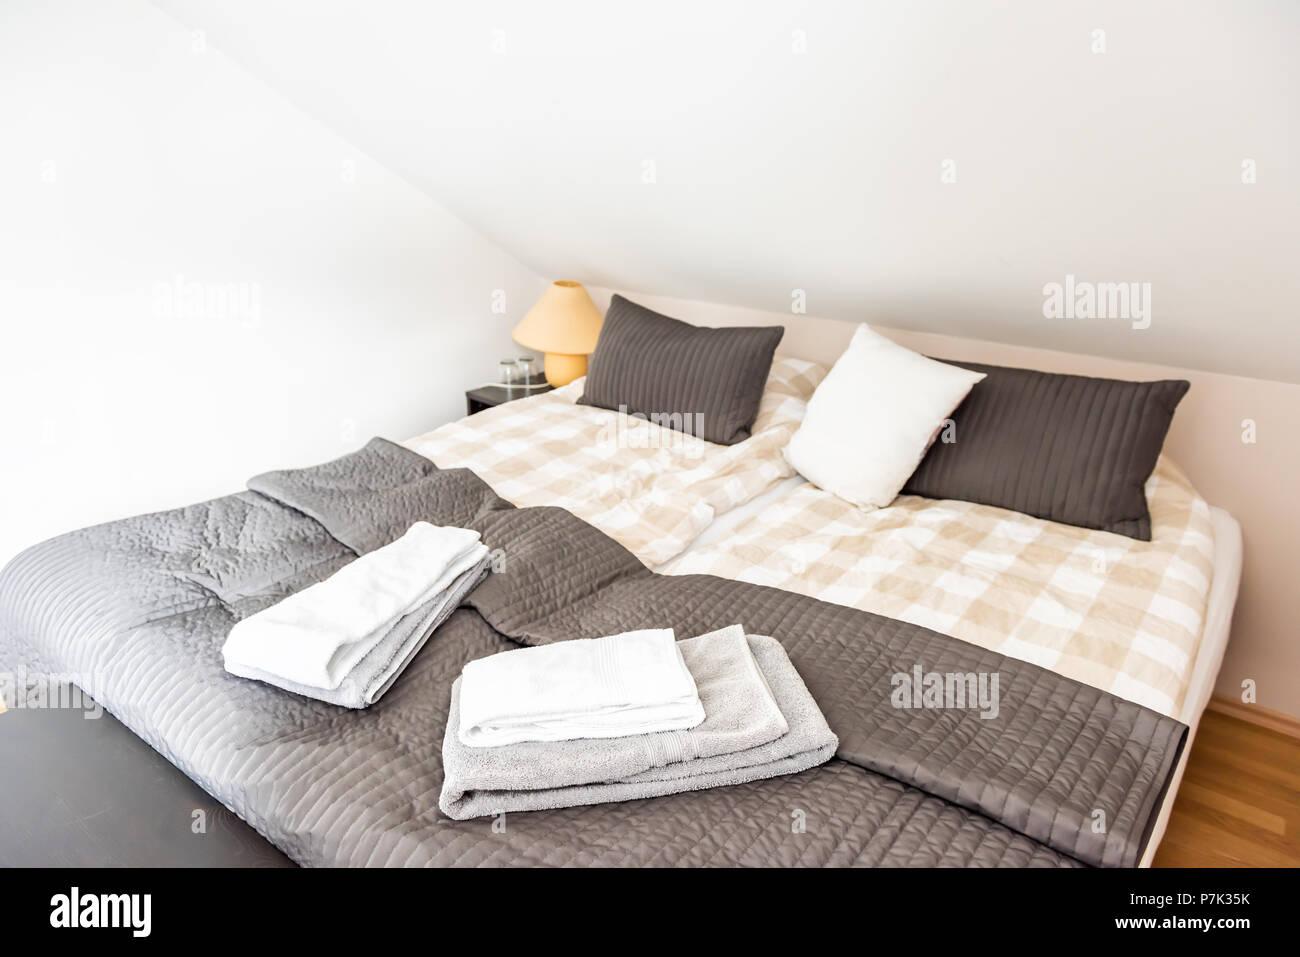 Nuovo pulita unione twin double queen size comforter con